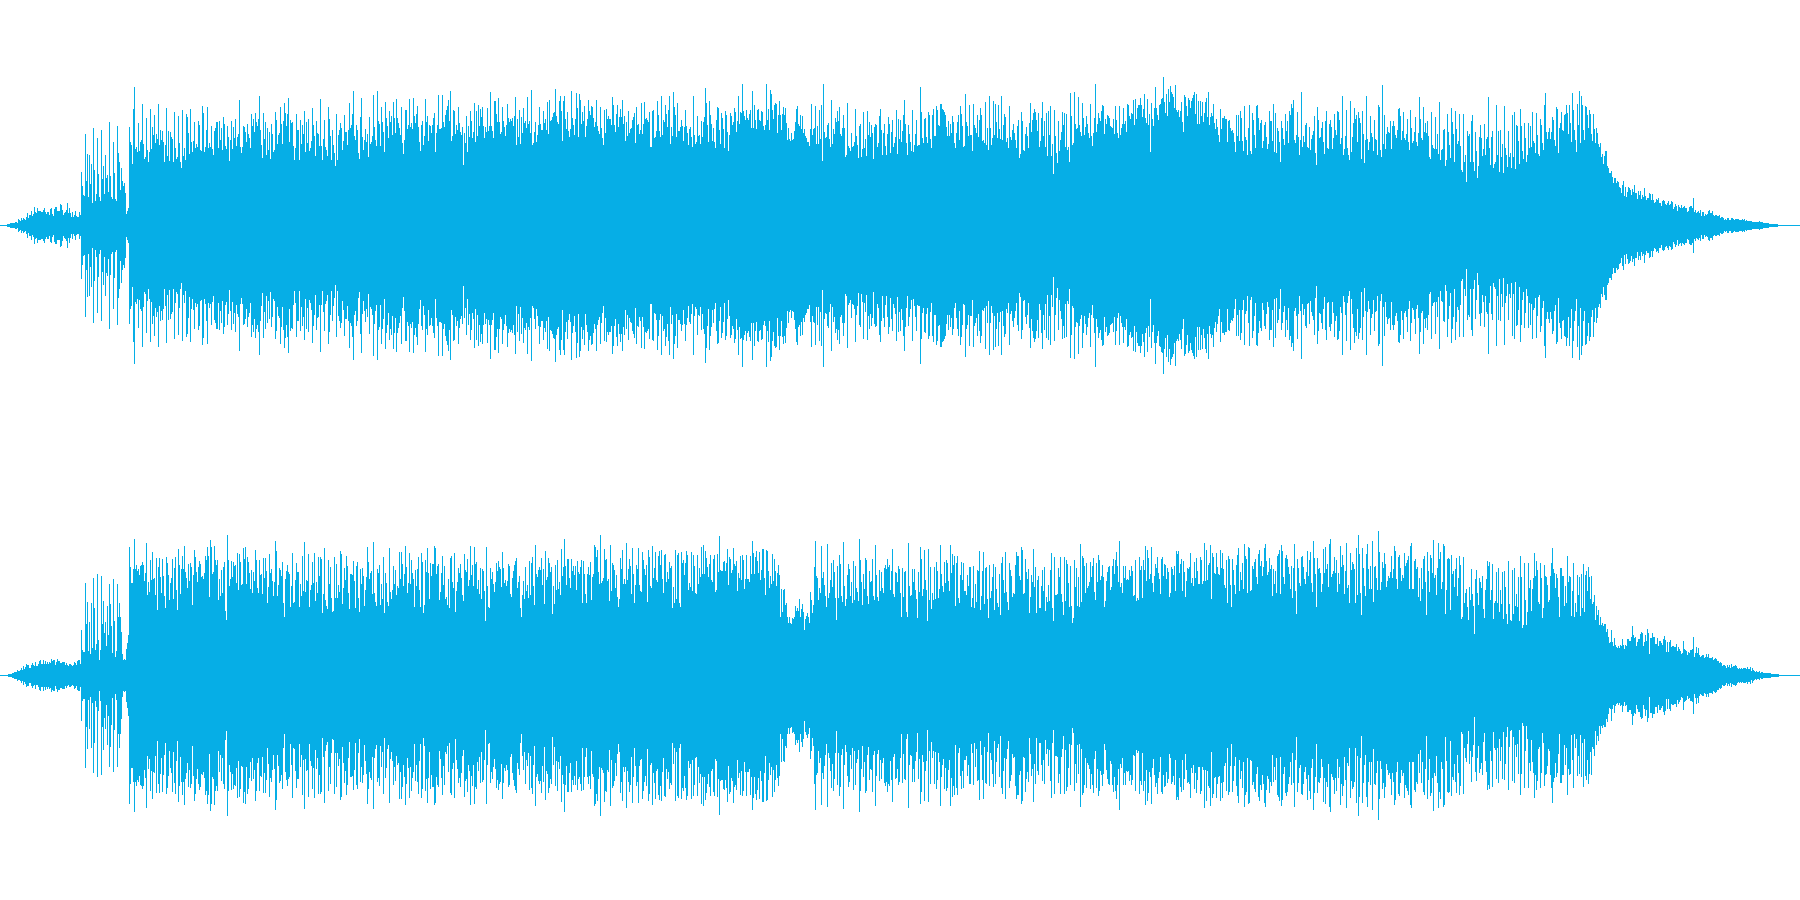 ちょっと不思議なダンスミュージックの再生済みの波形